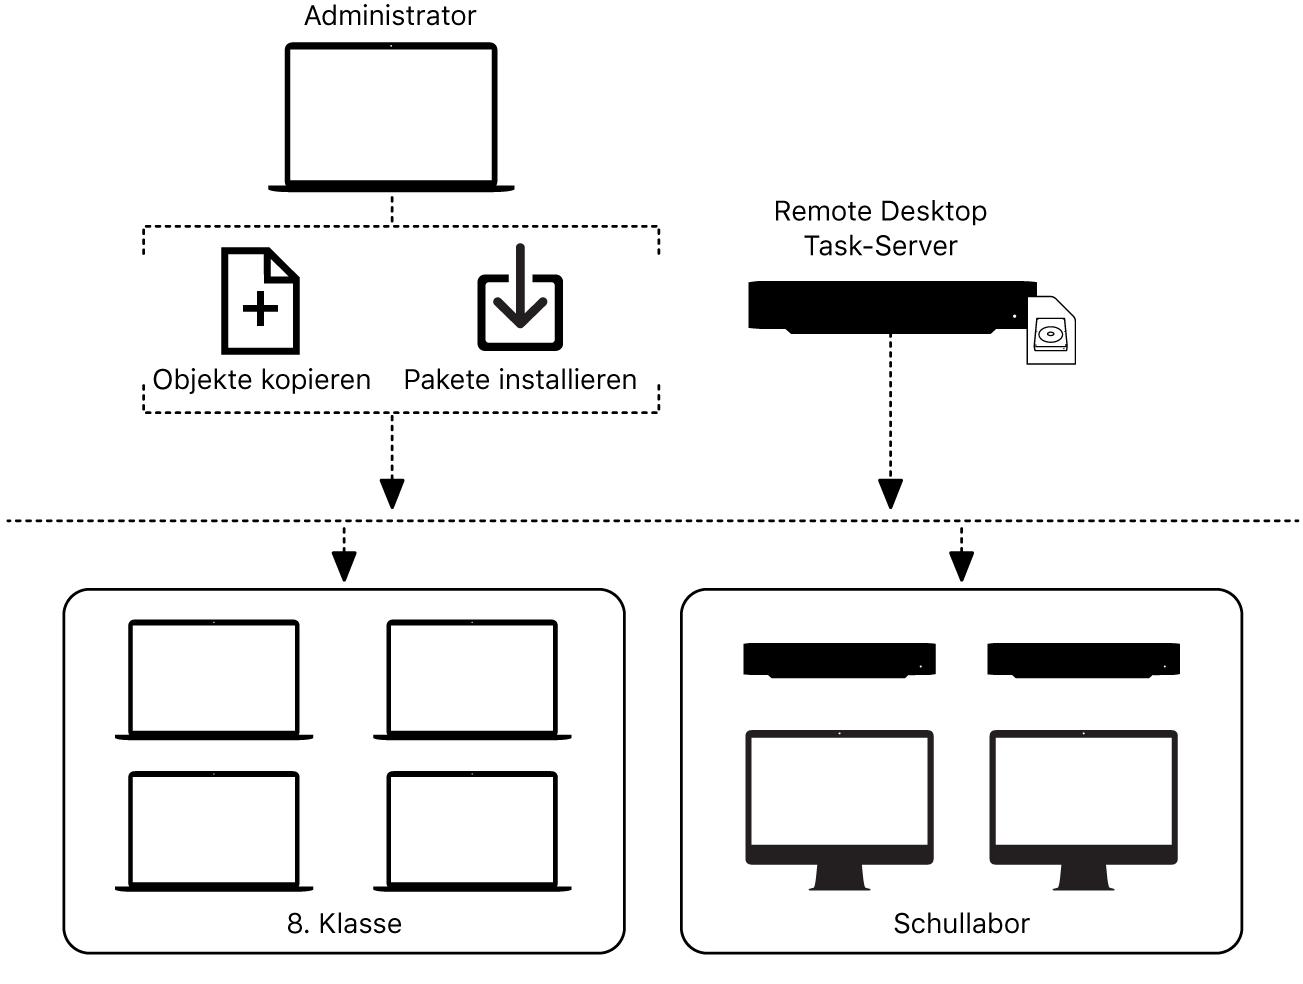 Mit Remote Desktop können Sie Dateien auf entfernte Computer kopieren oder Pakete darauf installieren.